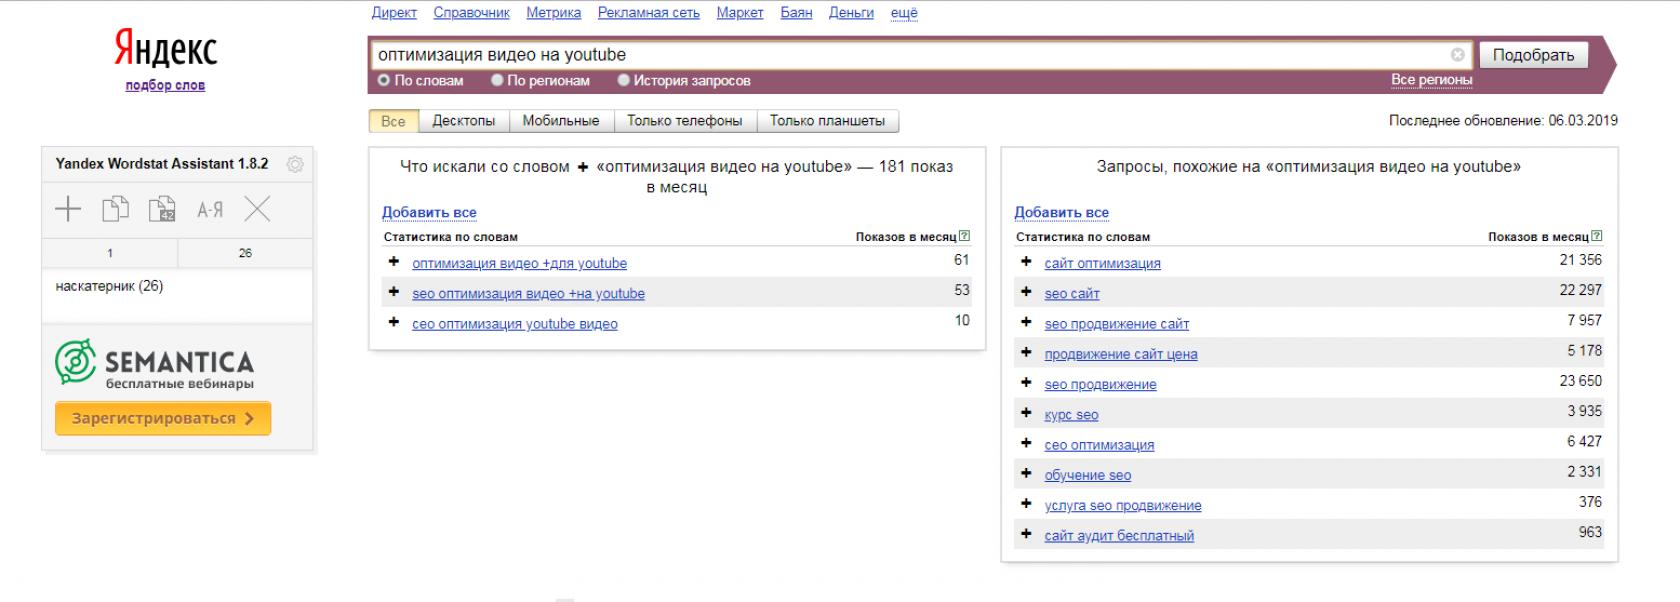 Сайты для оптимизации видео seo продвижение интернет магазина solution red